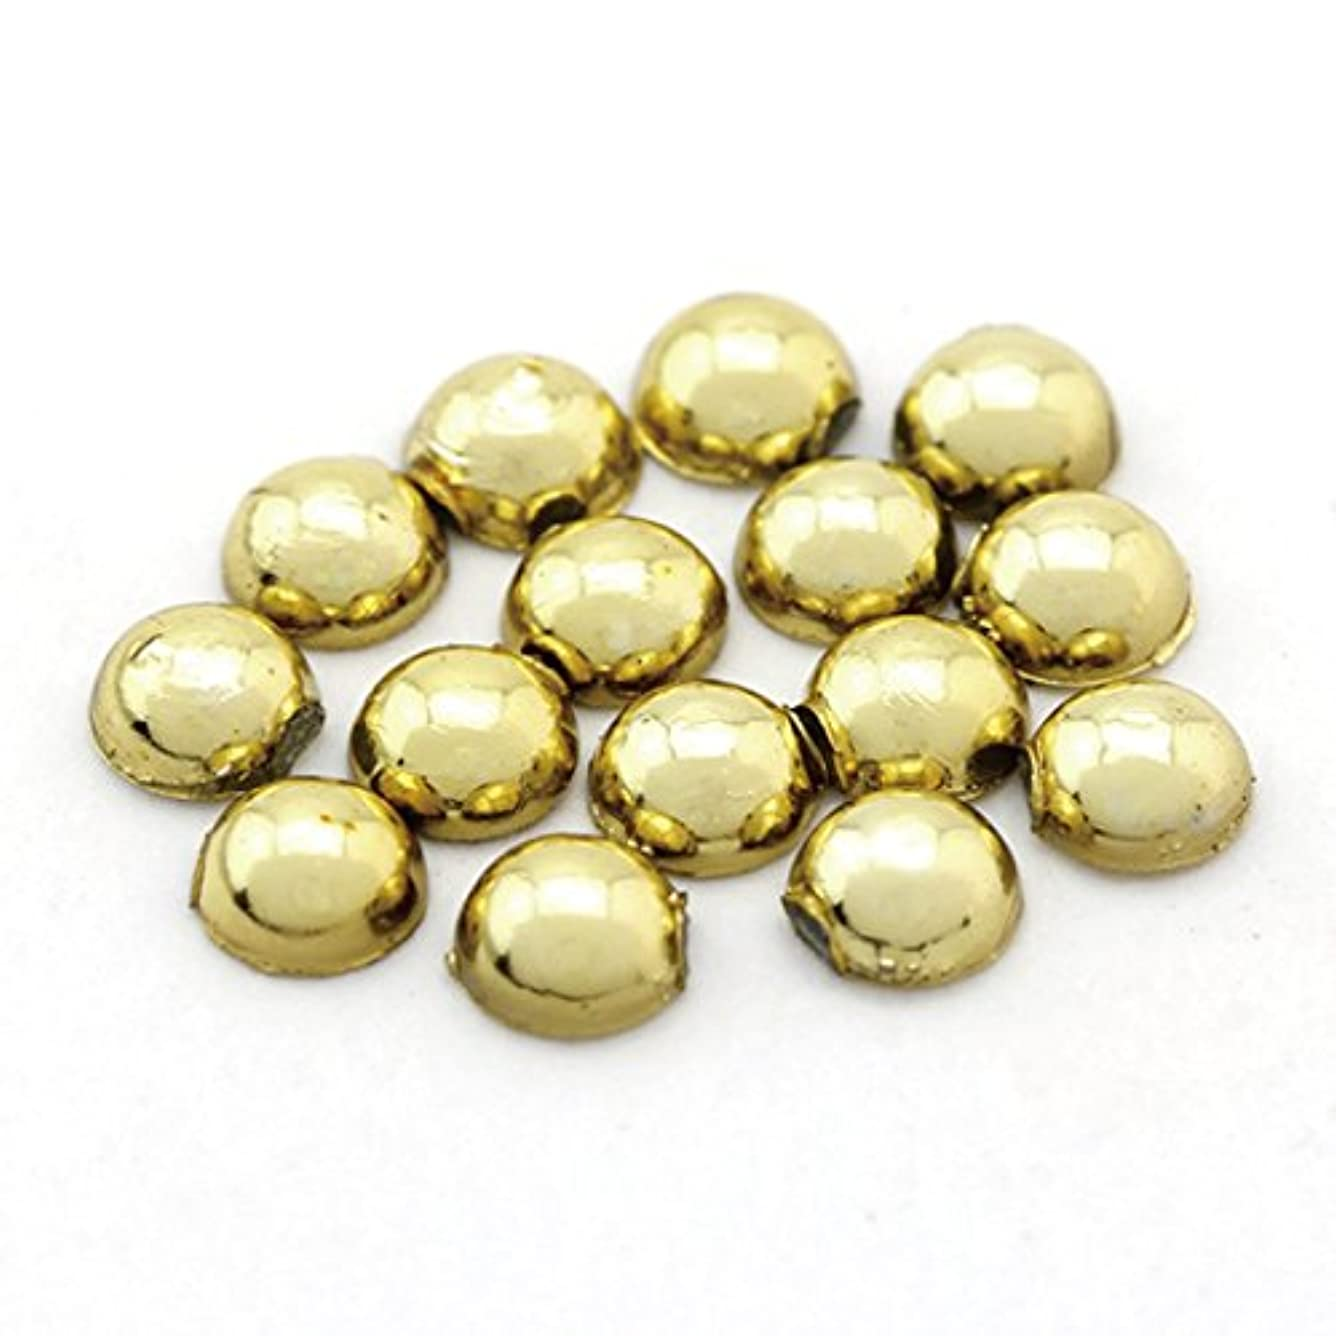 レンジ発生器洋服ラインストーン2.5mm(50個入り)ゴールド ラウンド